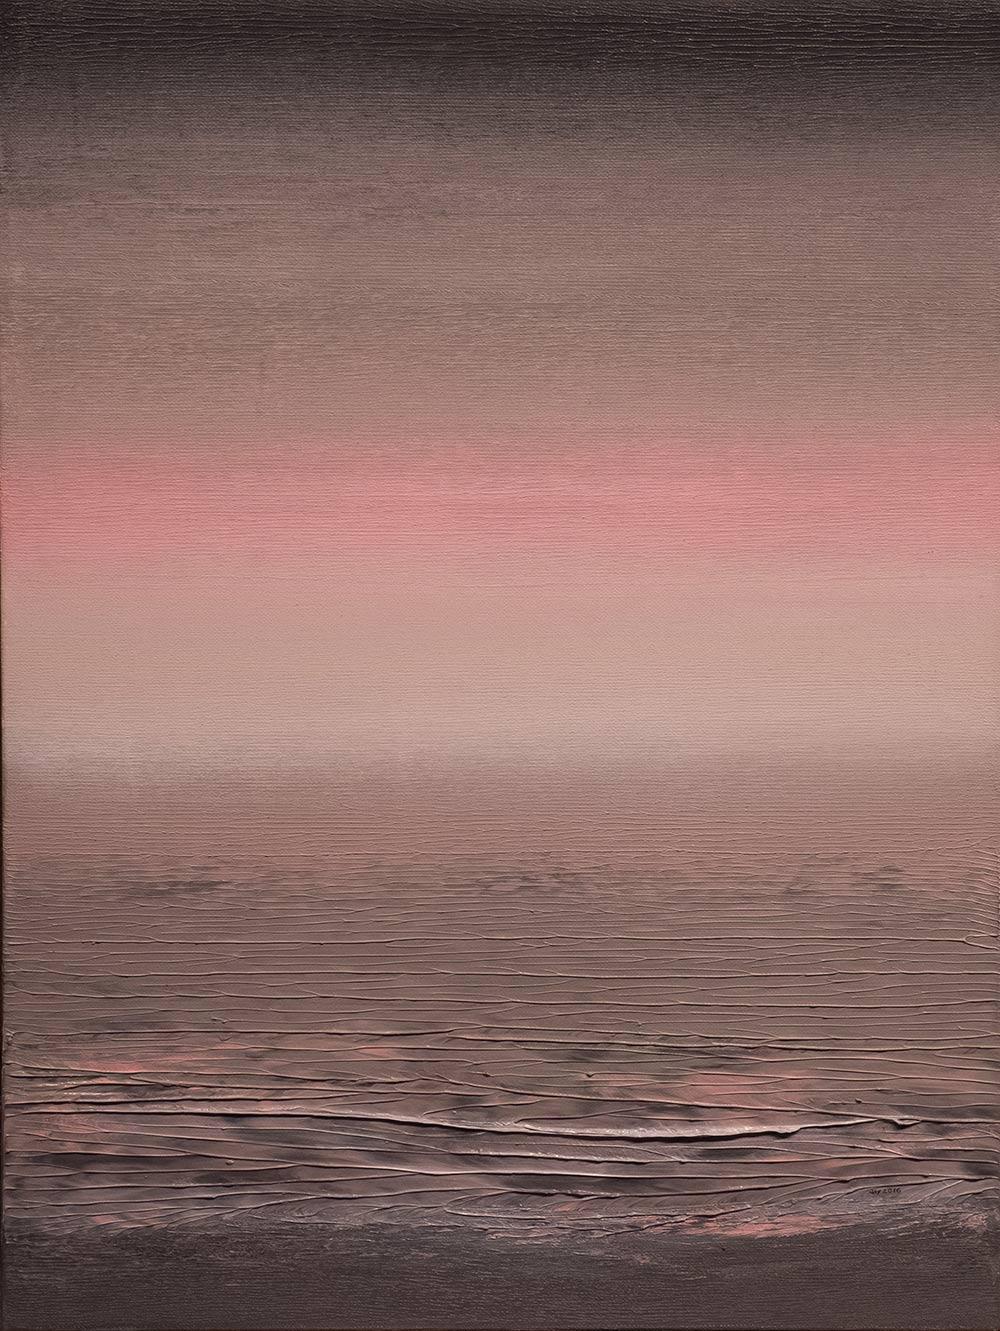 David-Joy-Seascapes-D19-013-38